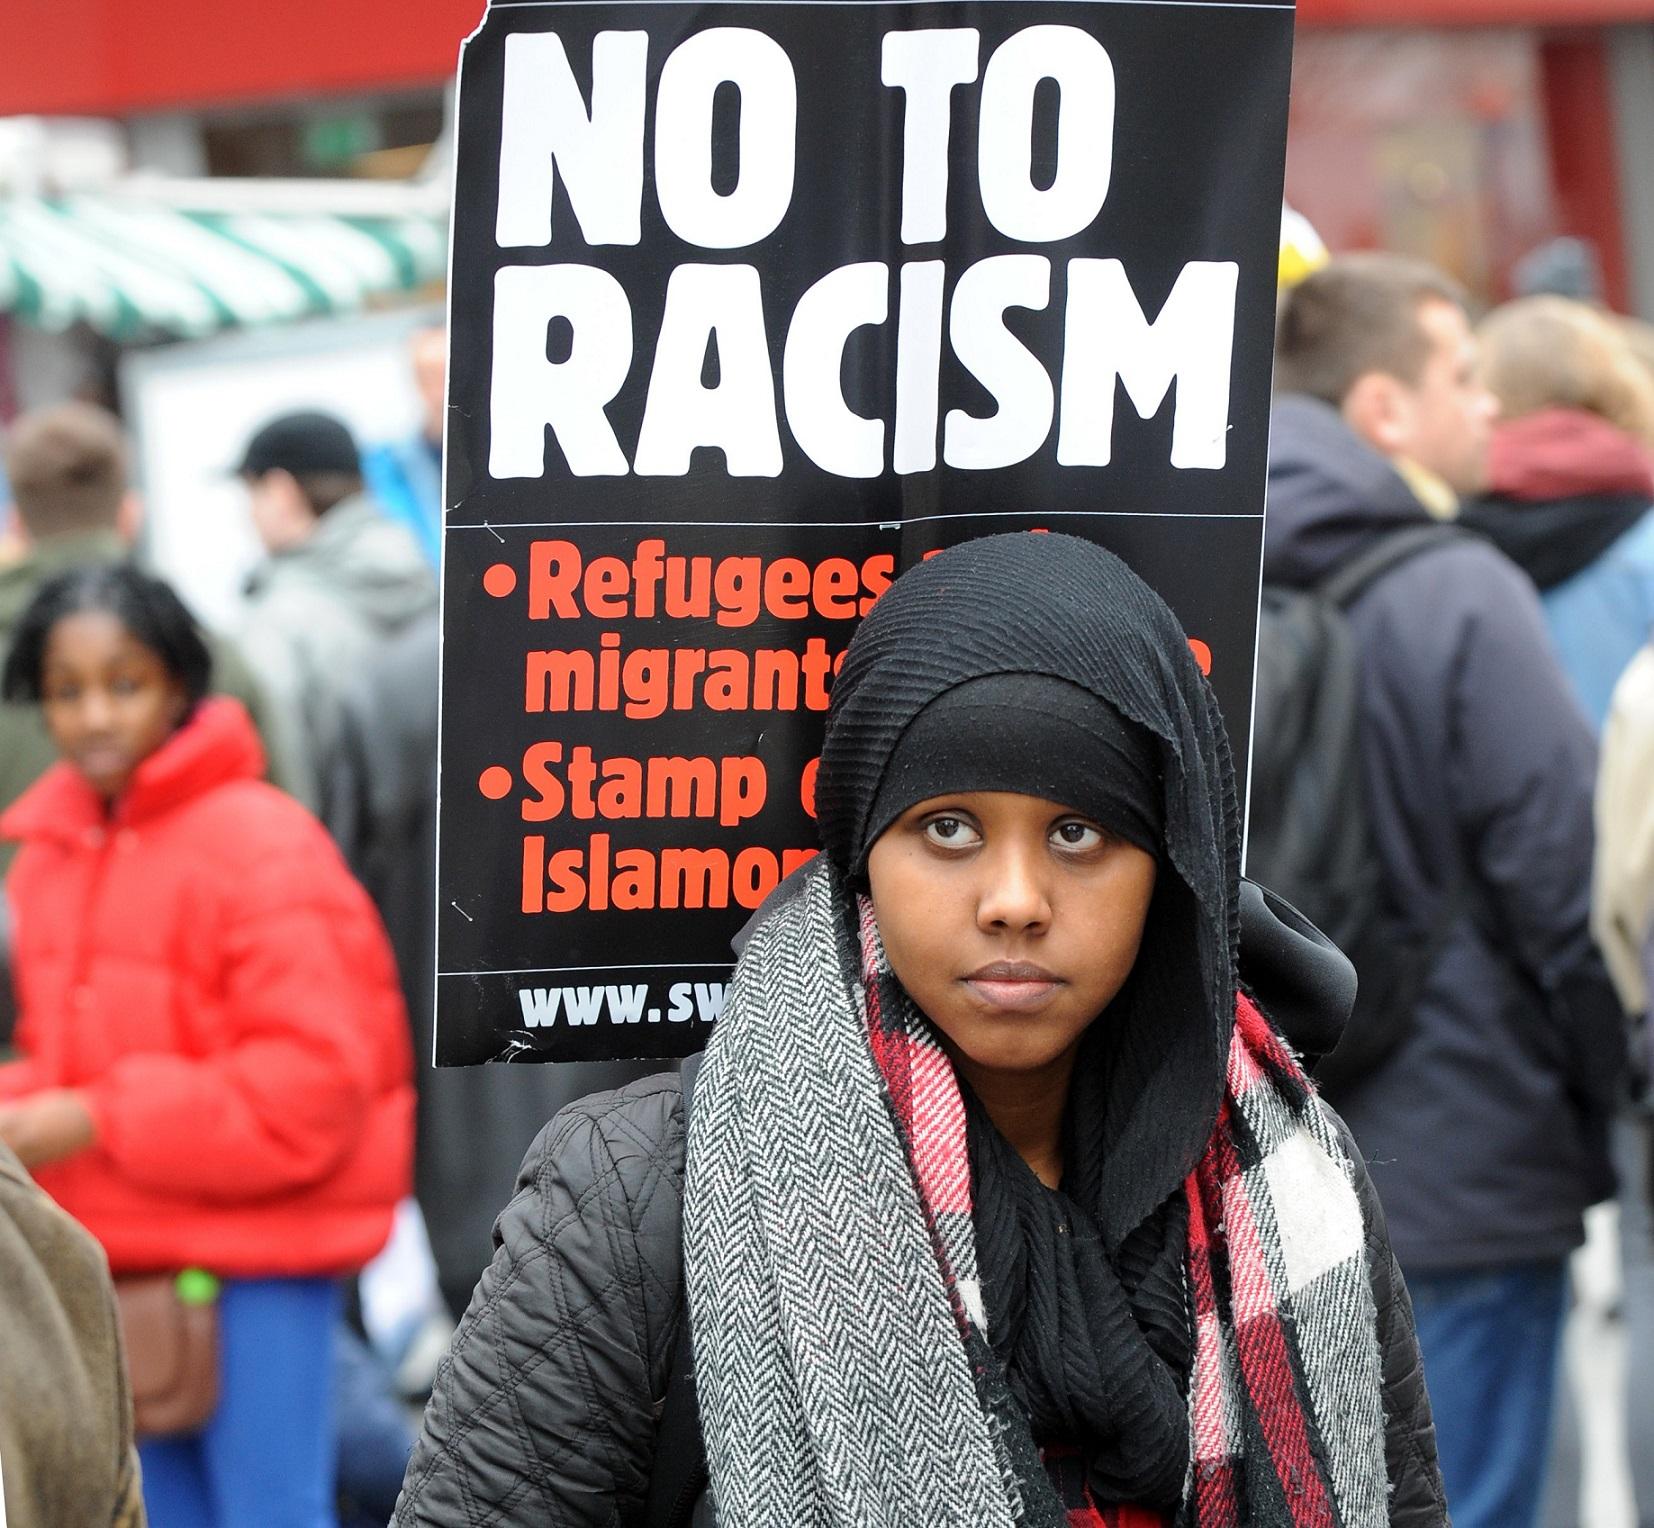 Manifestante protesta contra o racismo nos campos de futebol ingleses. Foto Rui Vieira/Anadolu Agency